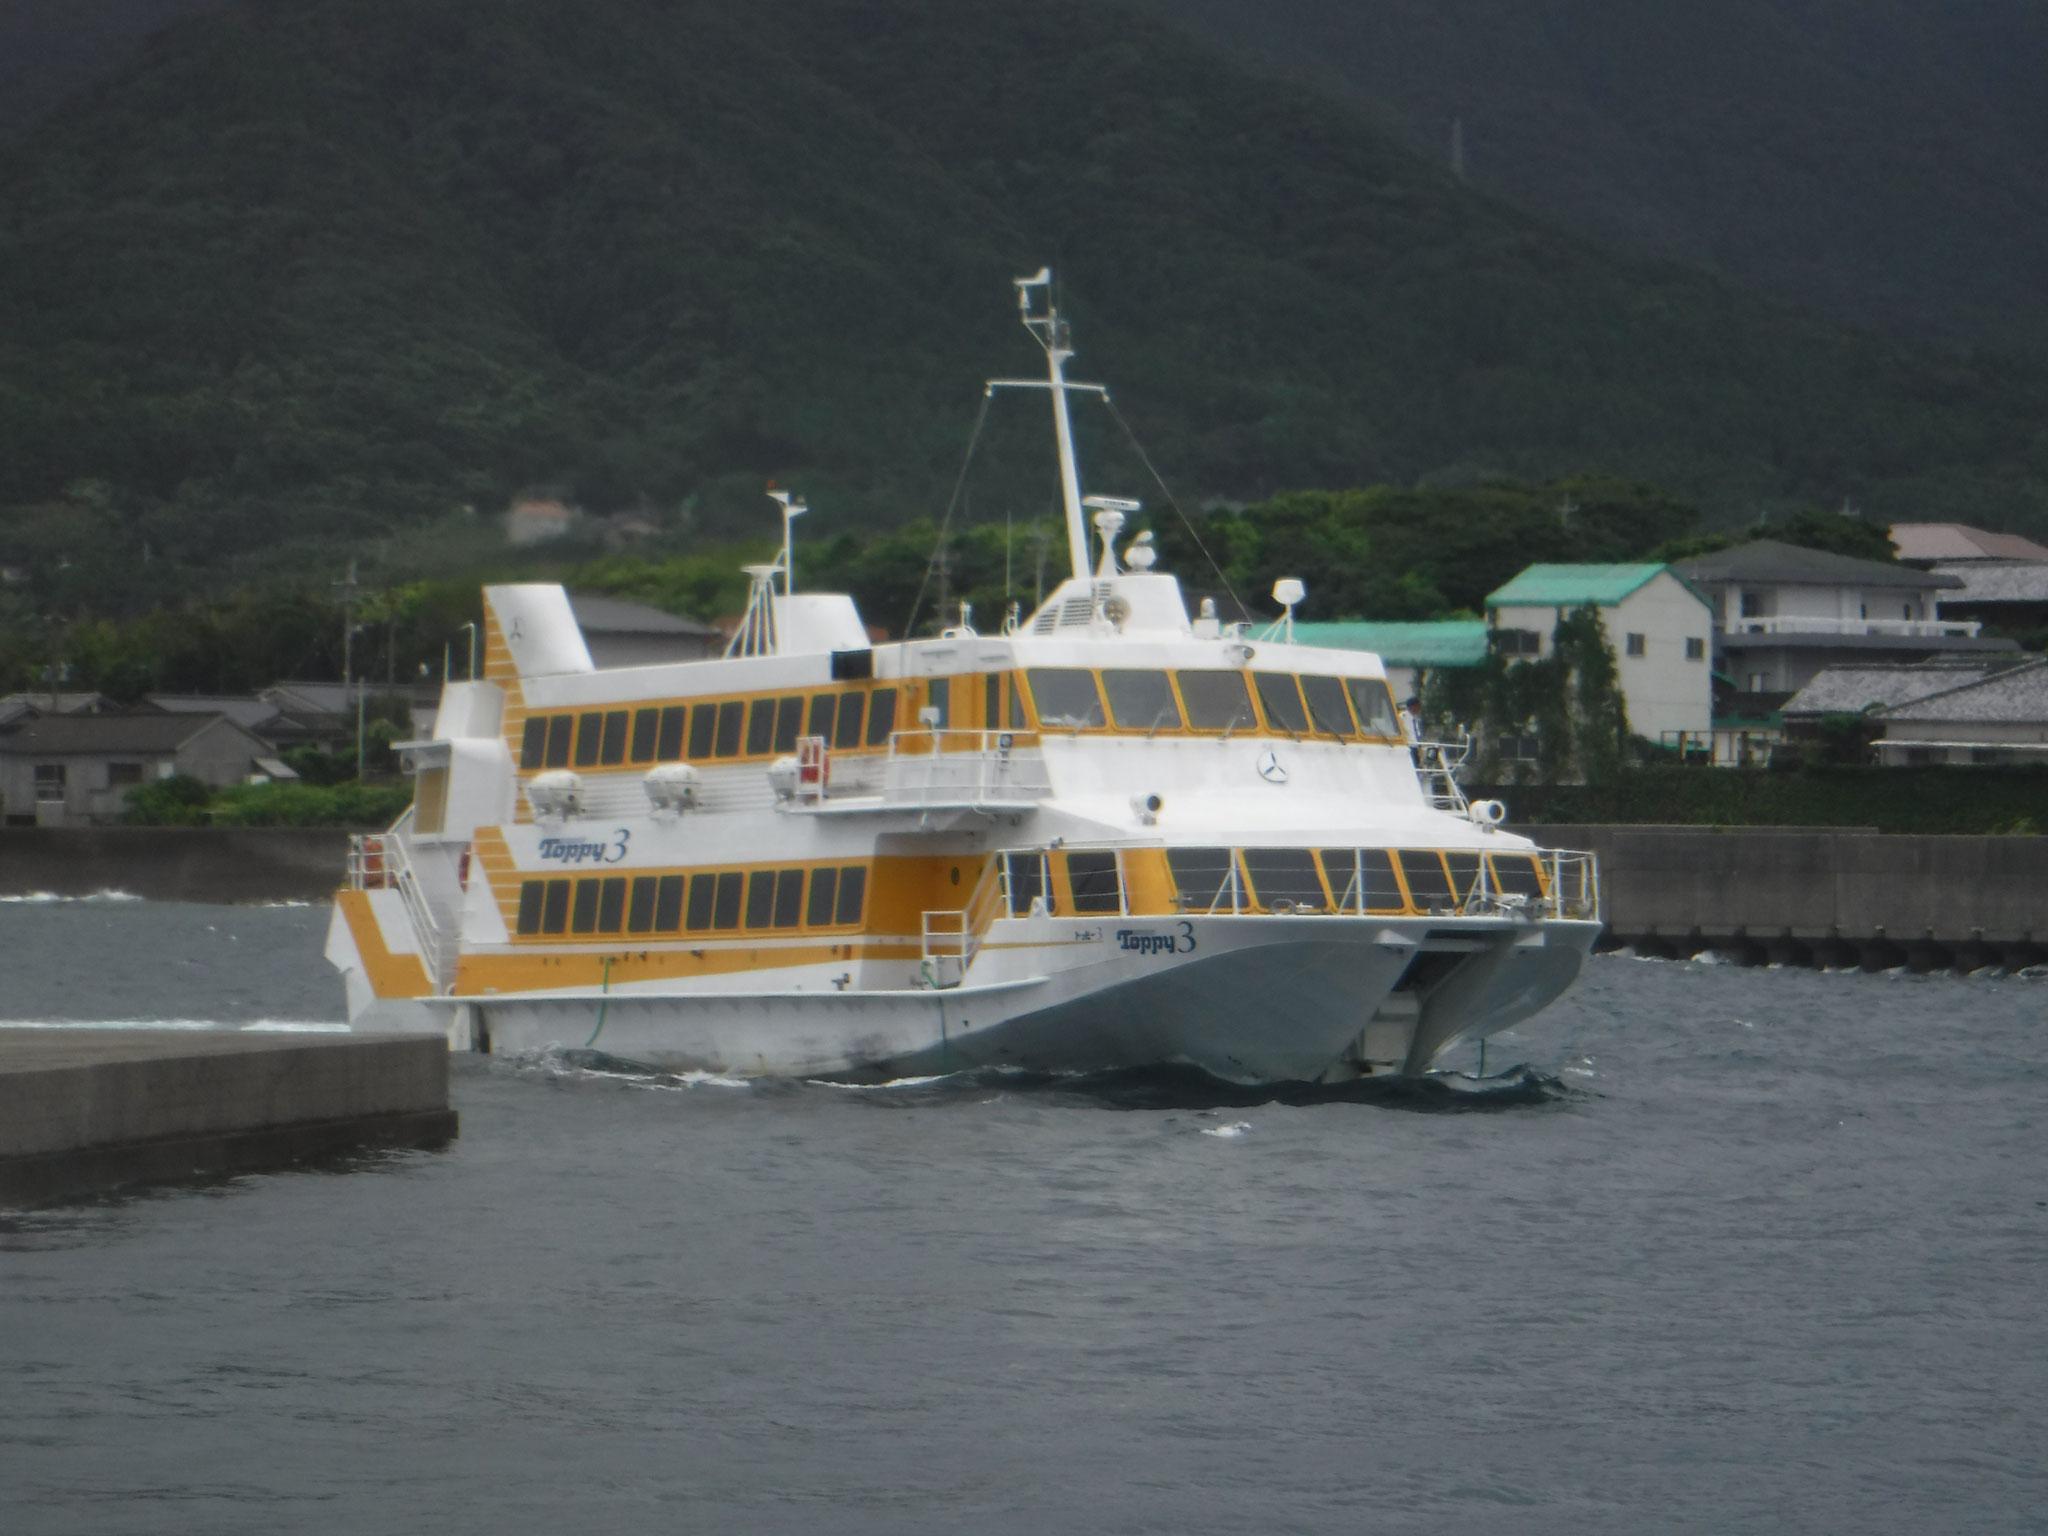 鹿児島からの高速船、シートベルト着用